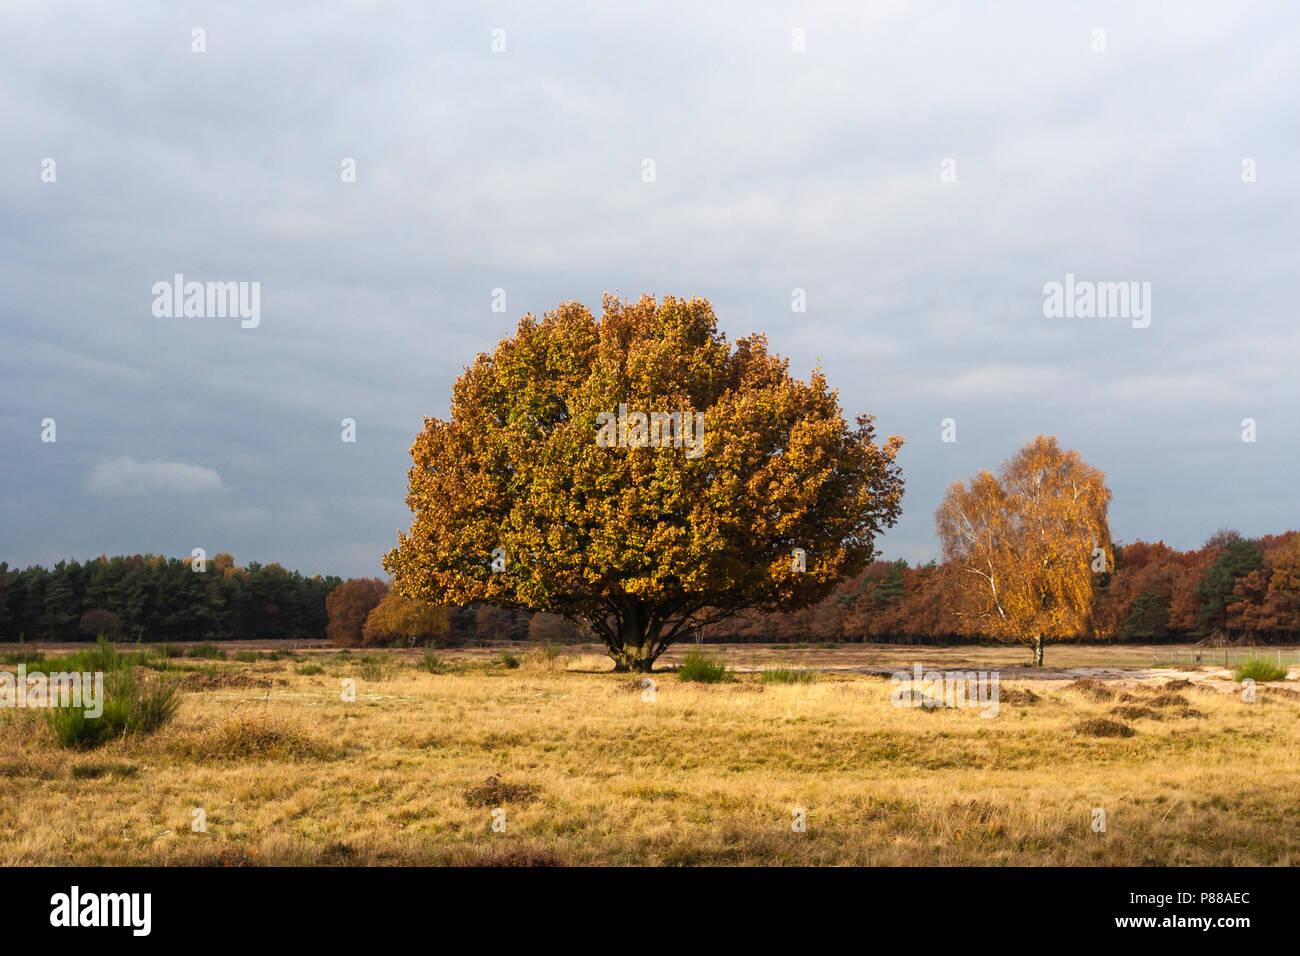 Solitaire bomen in Het Gooi in het najaar; Solitary trees at Het Gooi in autumn - Stock Image